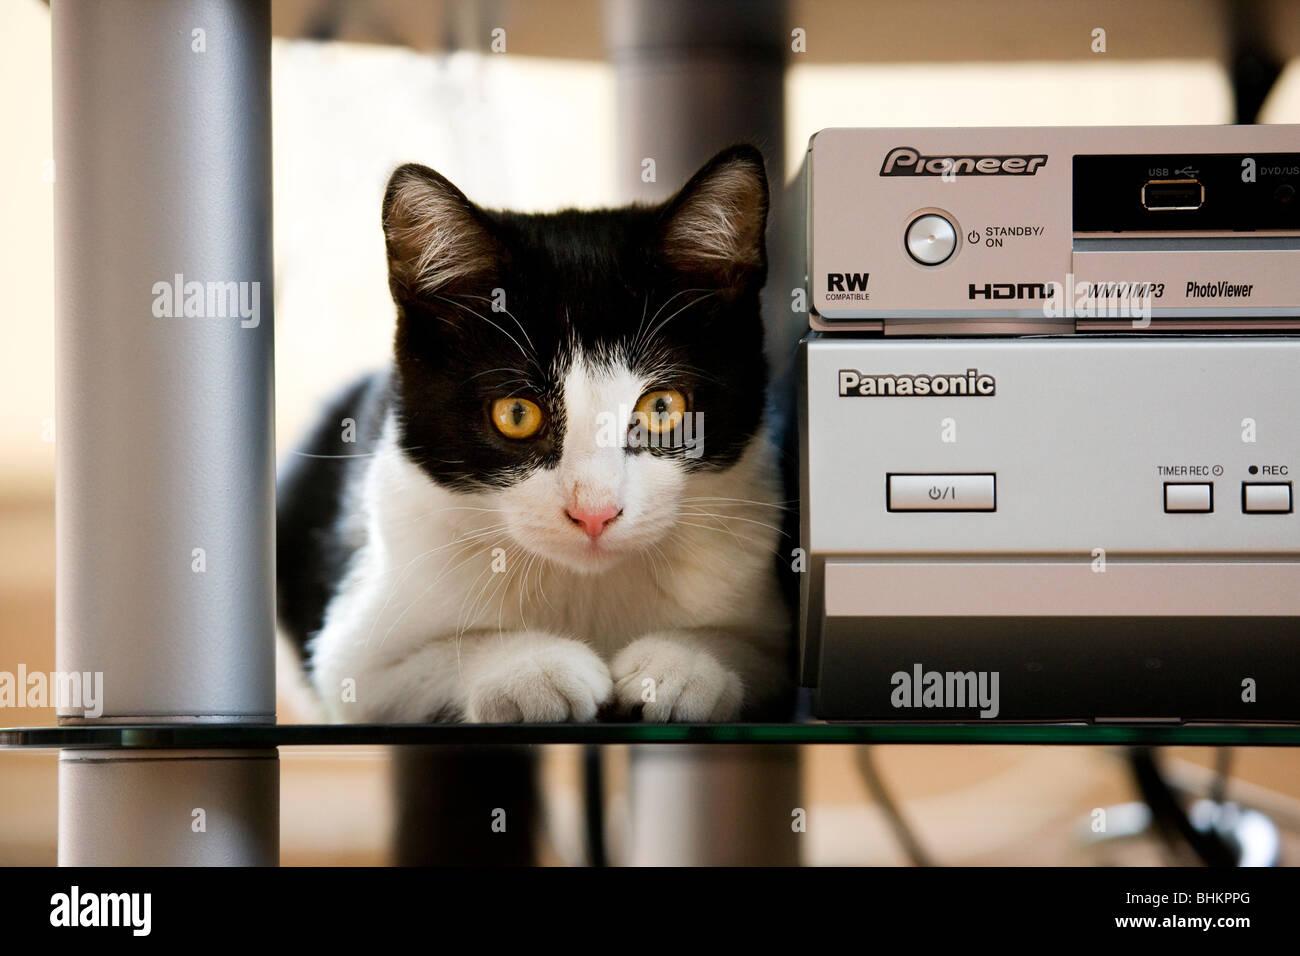 Los gatos domésticos (Felis catus) junto a un equipo estéreo en el salón Imagen De Stock